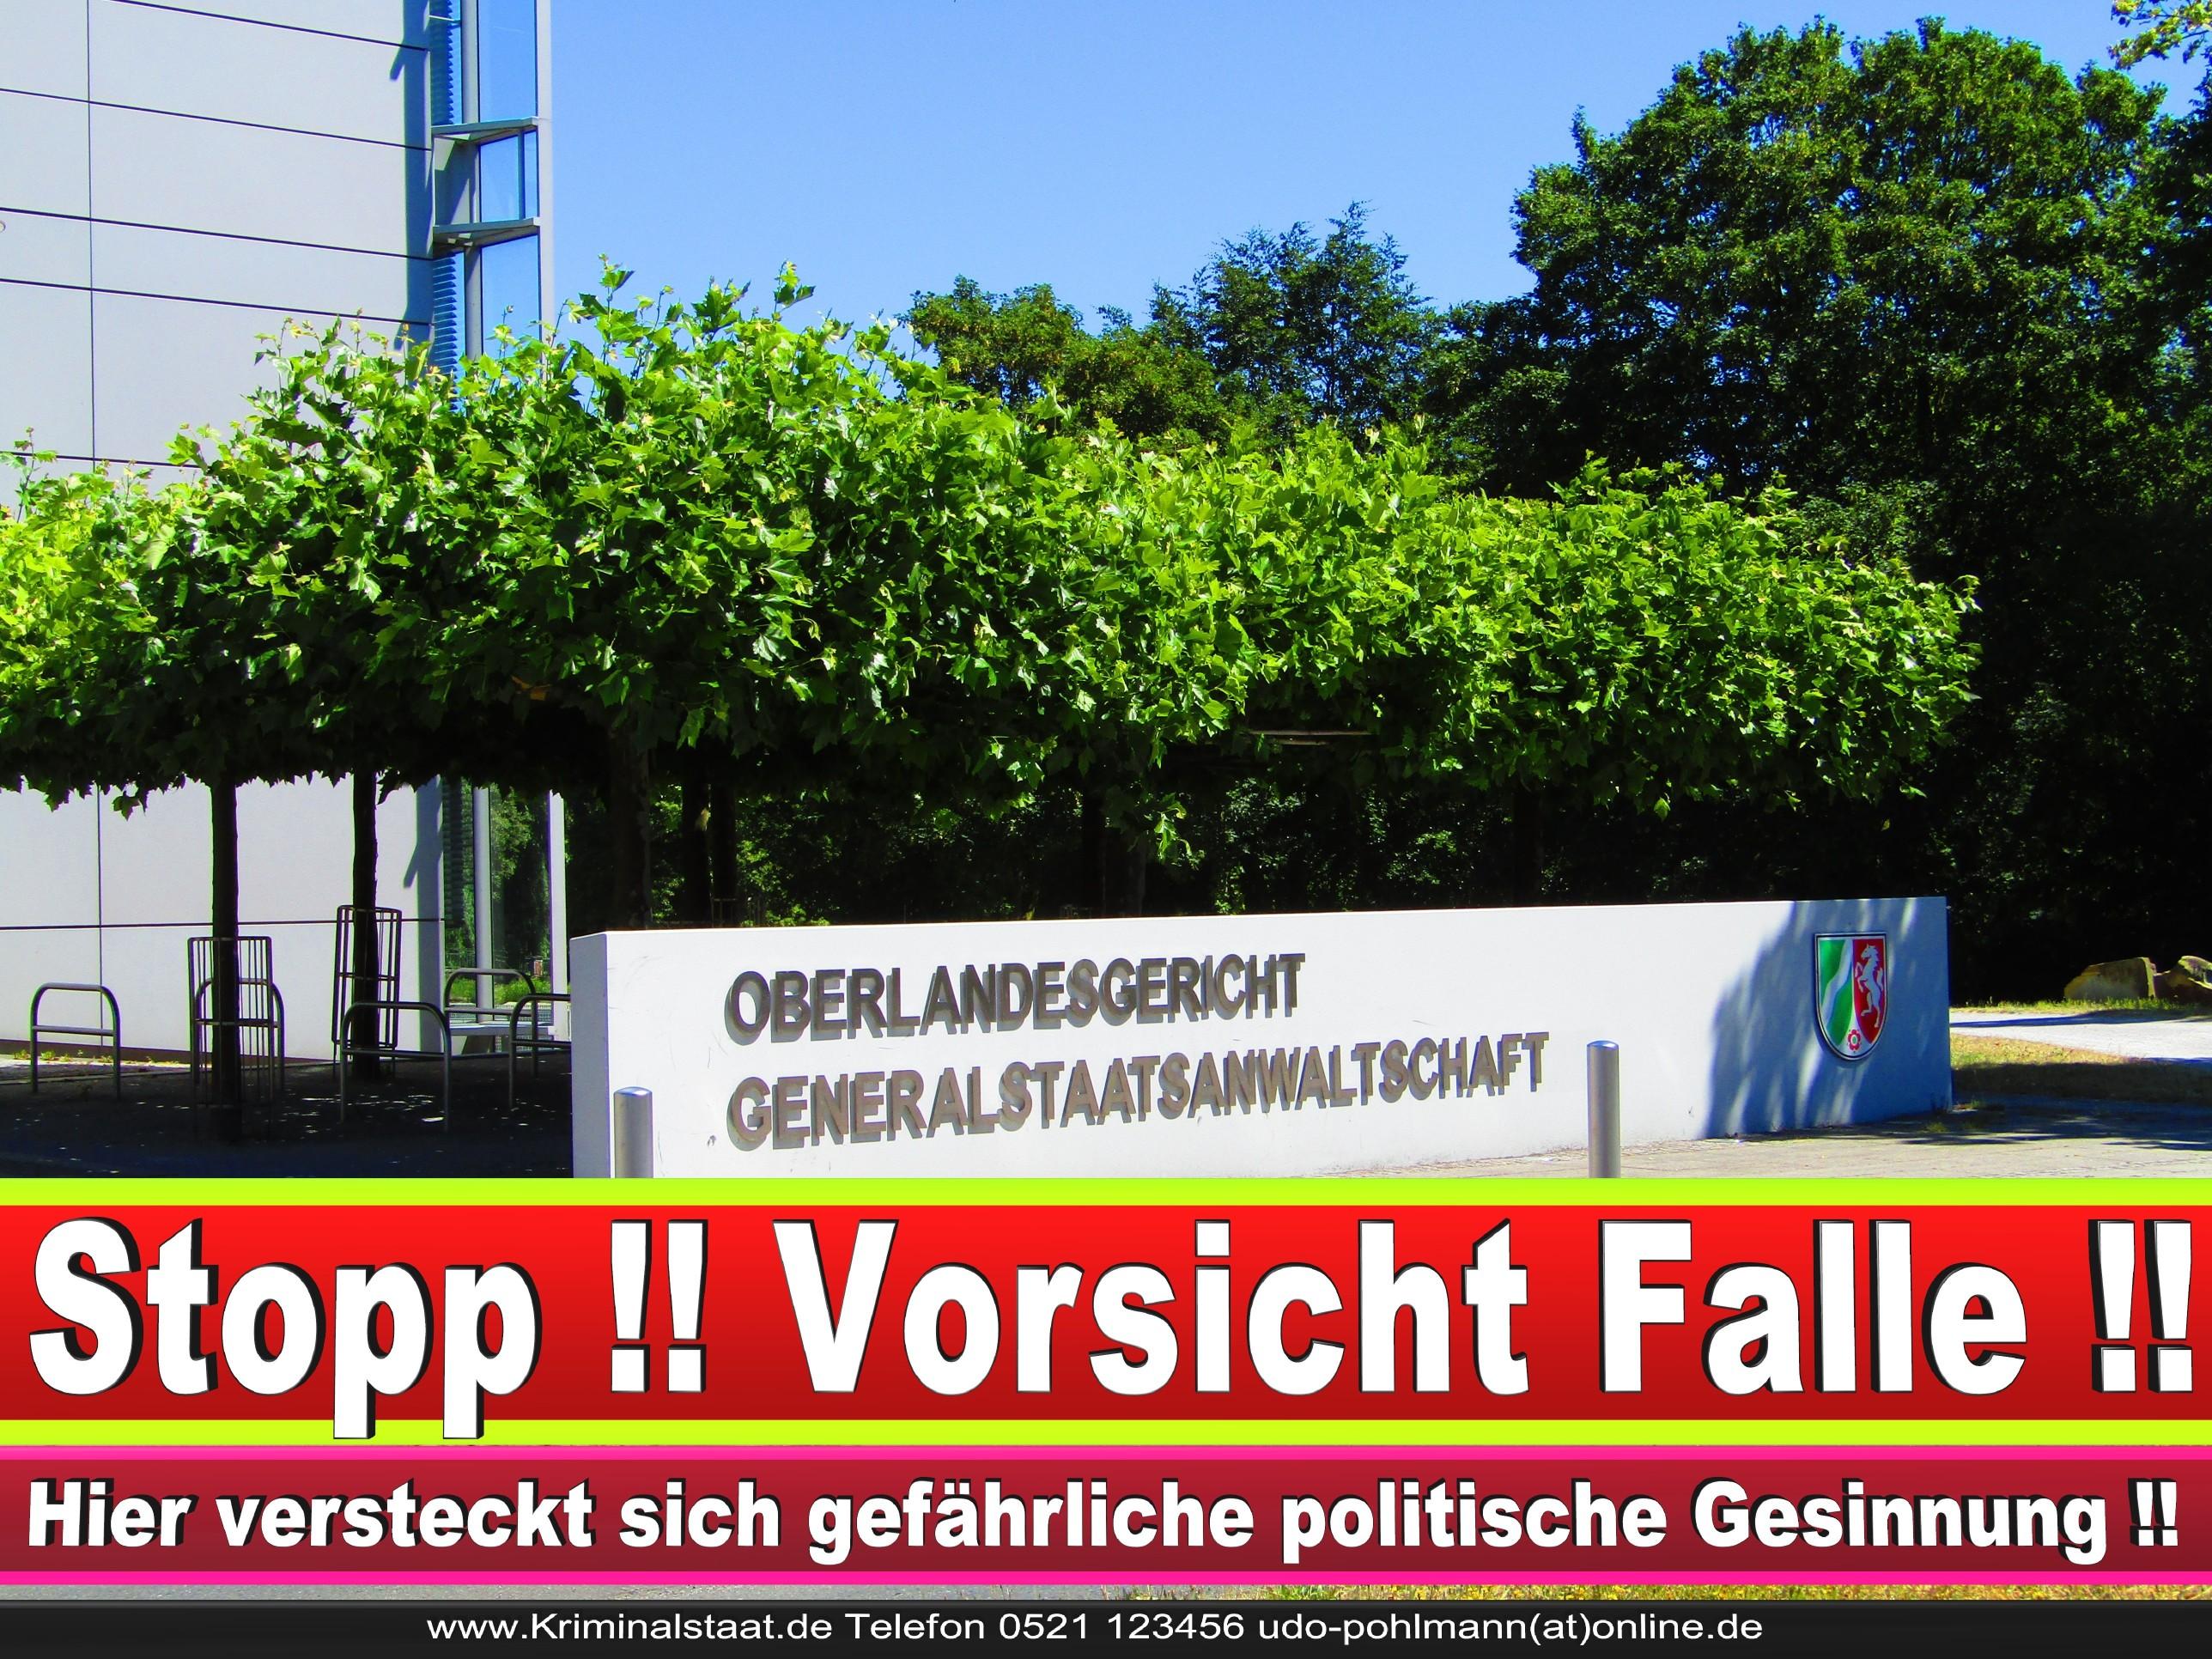 OLG Hamm Oberlandesgericht Hamm Landgericht Polizei Staatsanwaltschaft Generalstaatsanwaltschaft StA GeStA Praktikum Korruption Rechtsbeugung Richter Justiz Justizministerium (43)